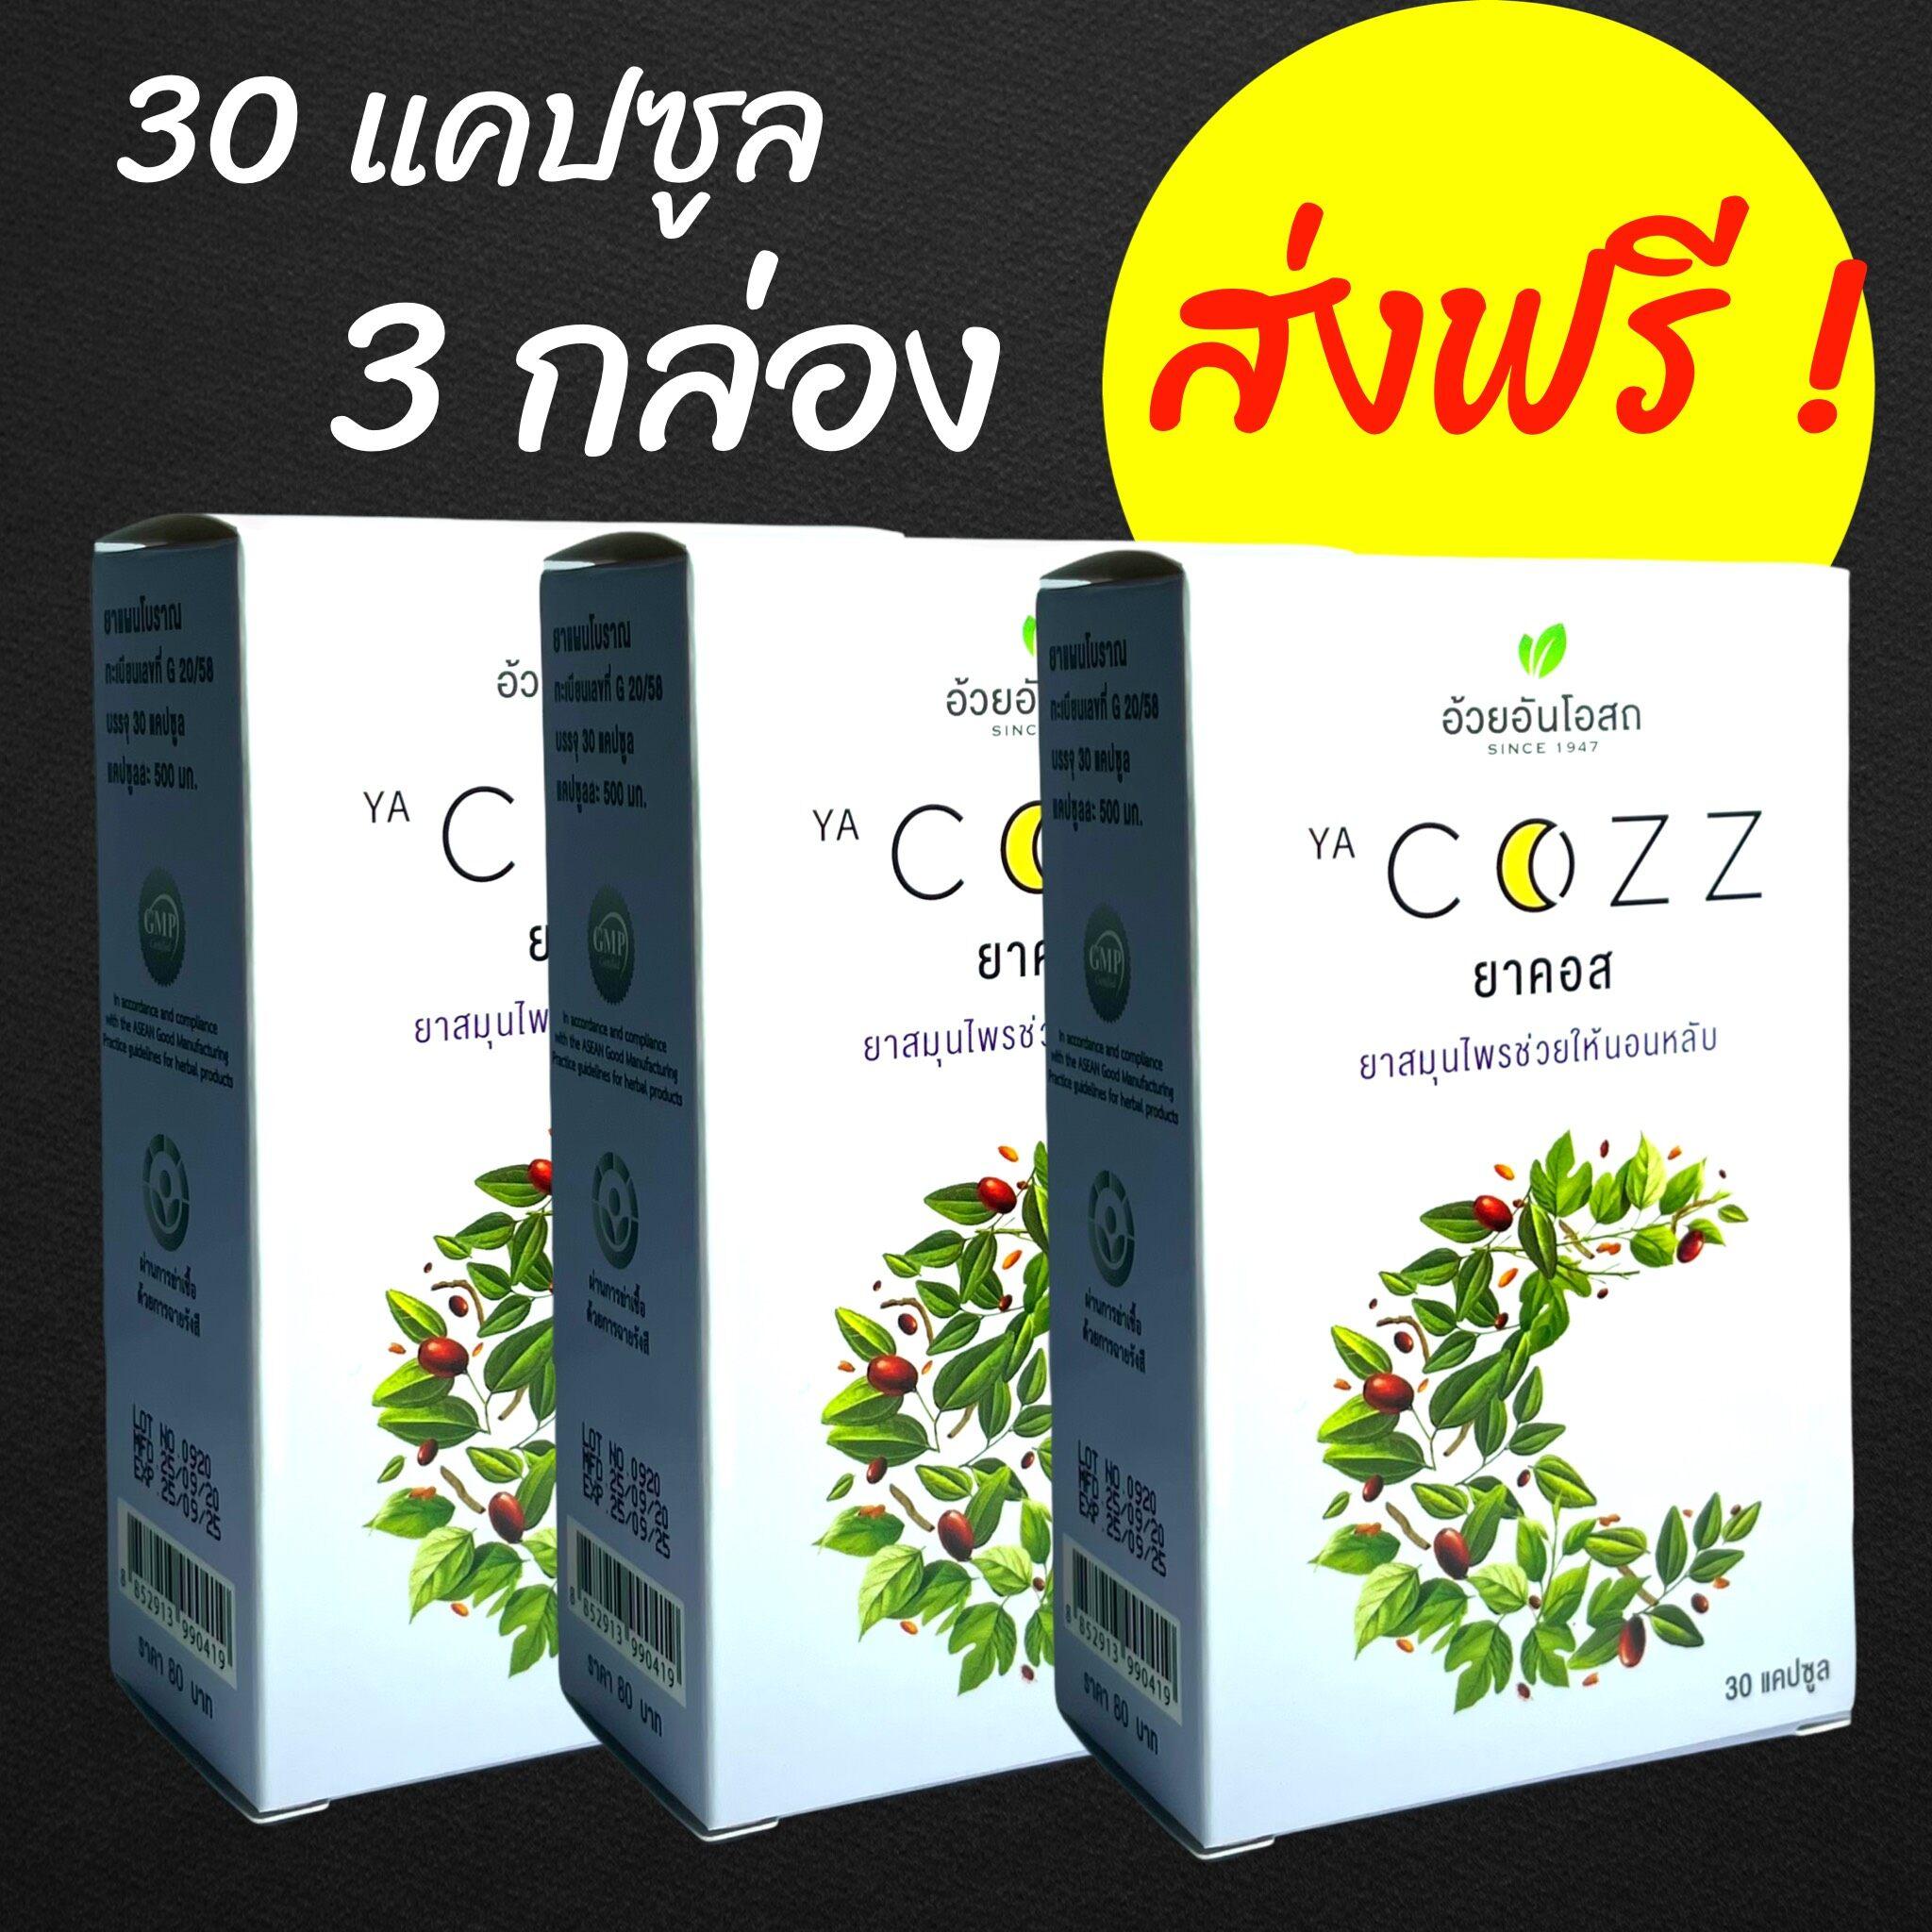 ยาคอส COZZ อ้วยอัน ช่วยนอนหลับ หลับลึก หลับนาน ตื่นบ่อย หลับไม่สนิท Herbal One Ya Cozz